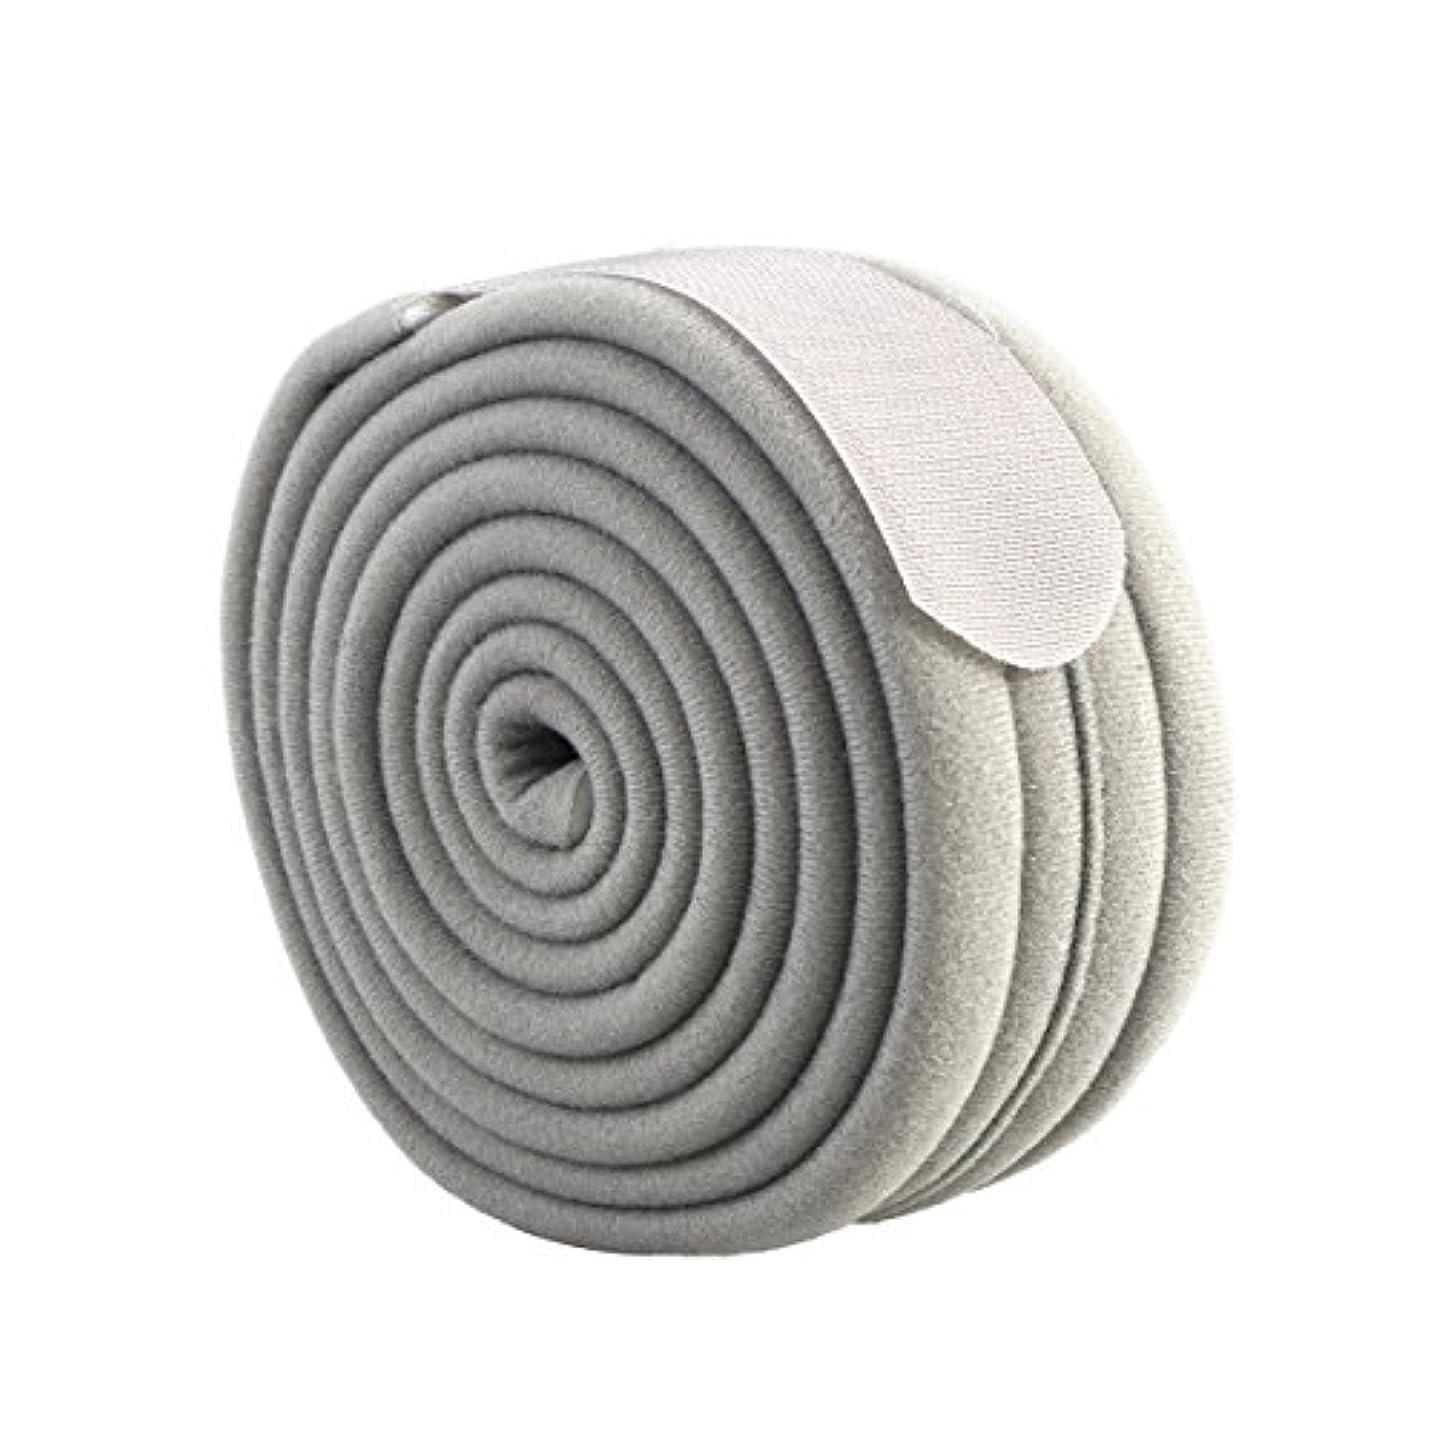 節約する出会い真実にROSENICE アームスリング アームホルダー アームスリング アームのサポート 調節可能 通気性 調節可能 腕の骨折?脱臼時のギプス固定 男性 女性